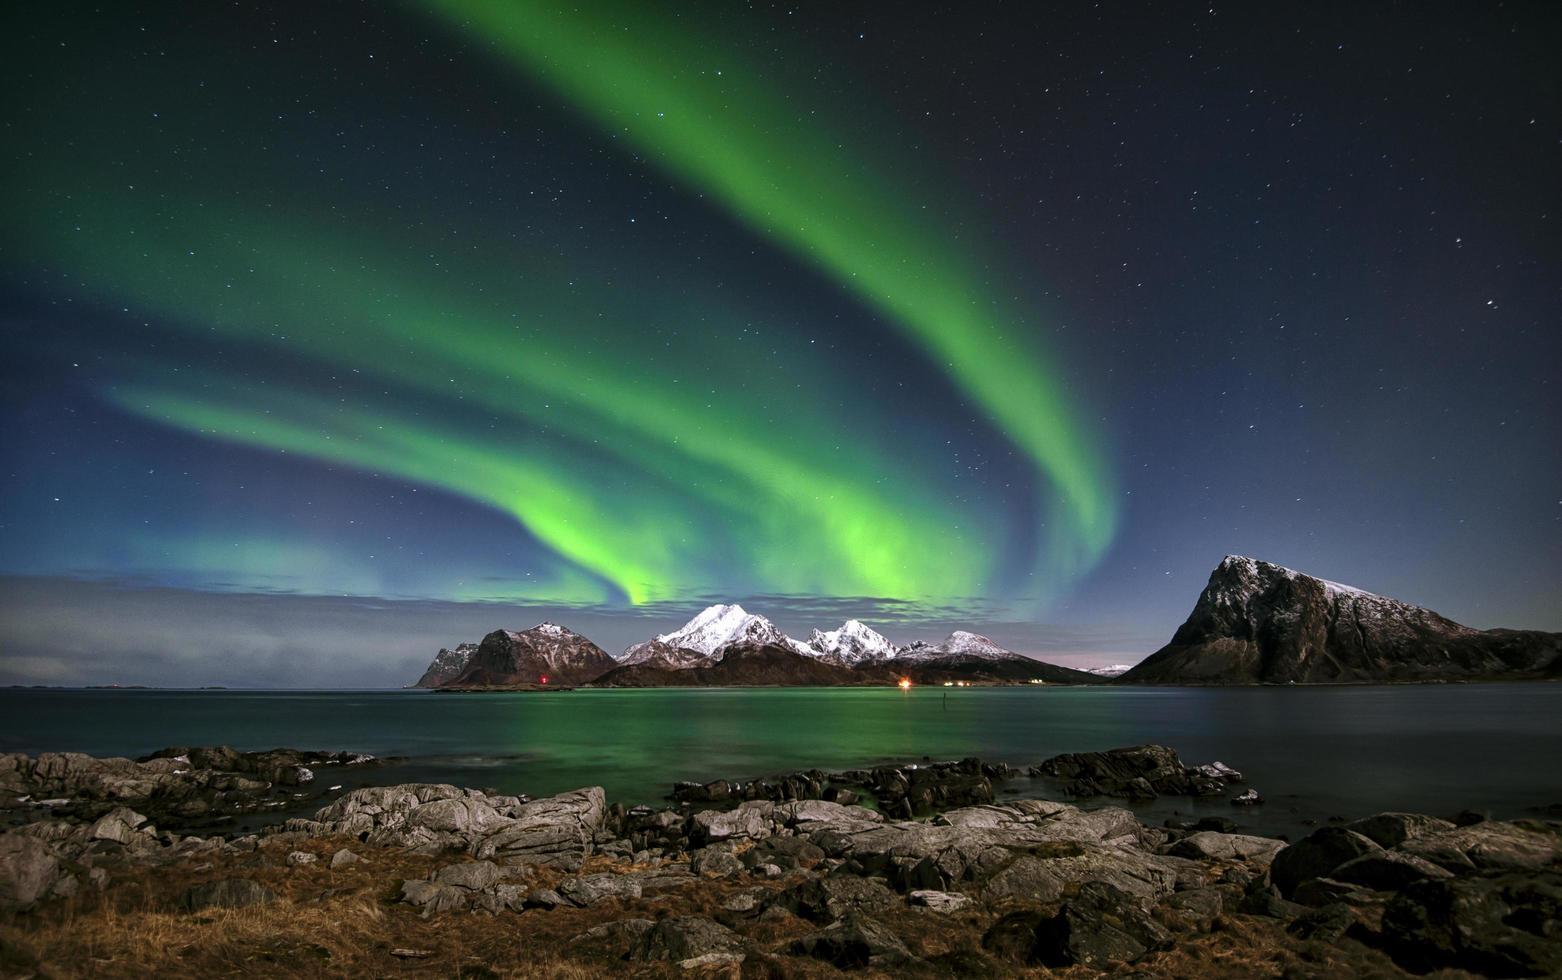 aurora boreal en noruega foto